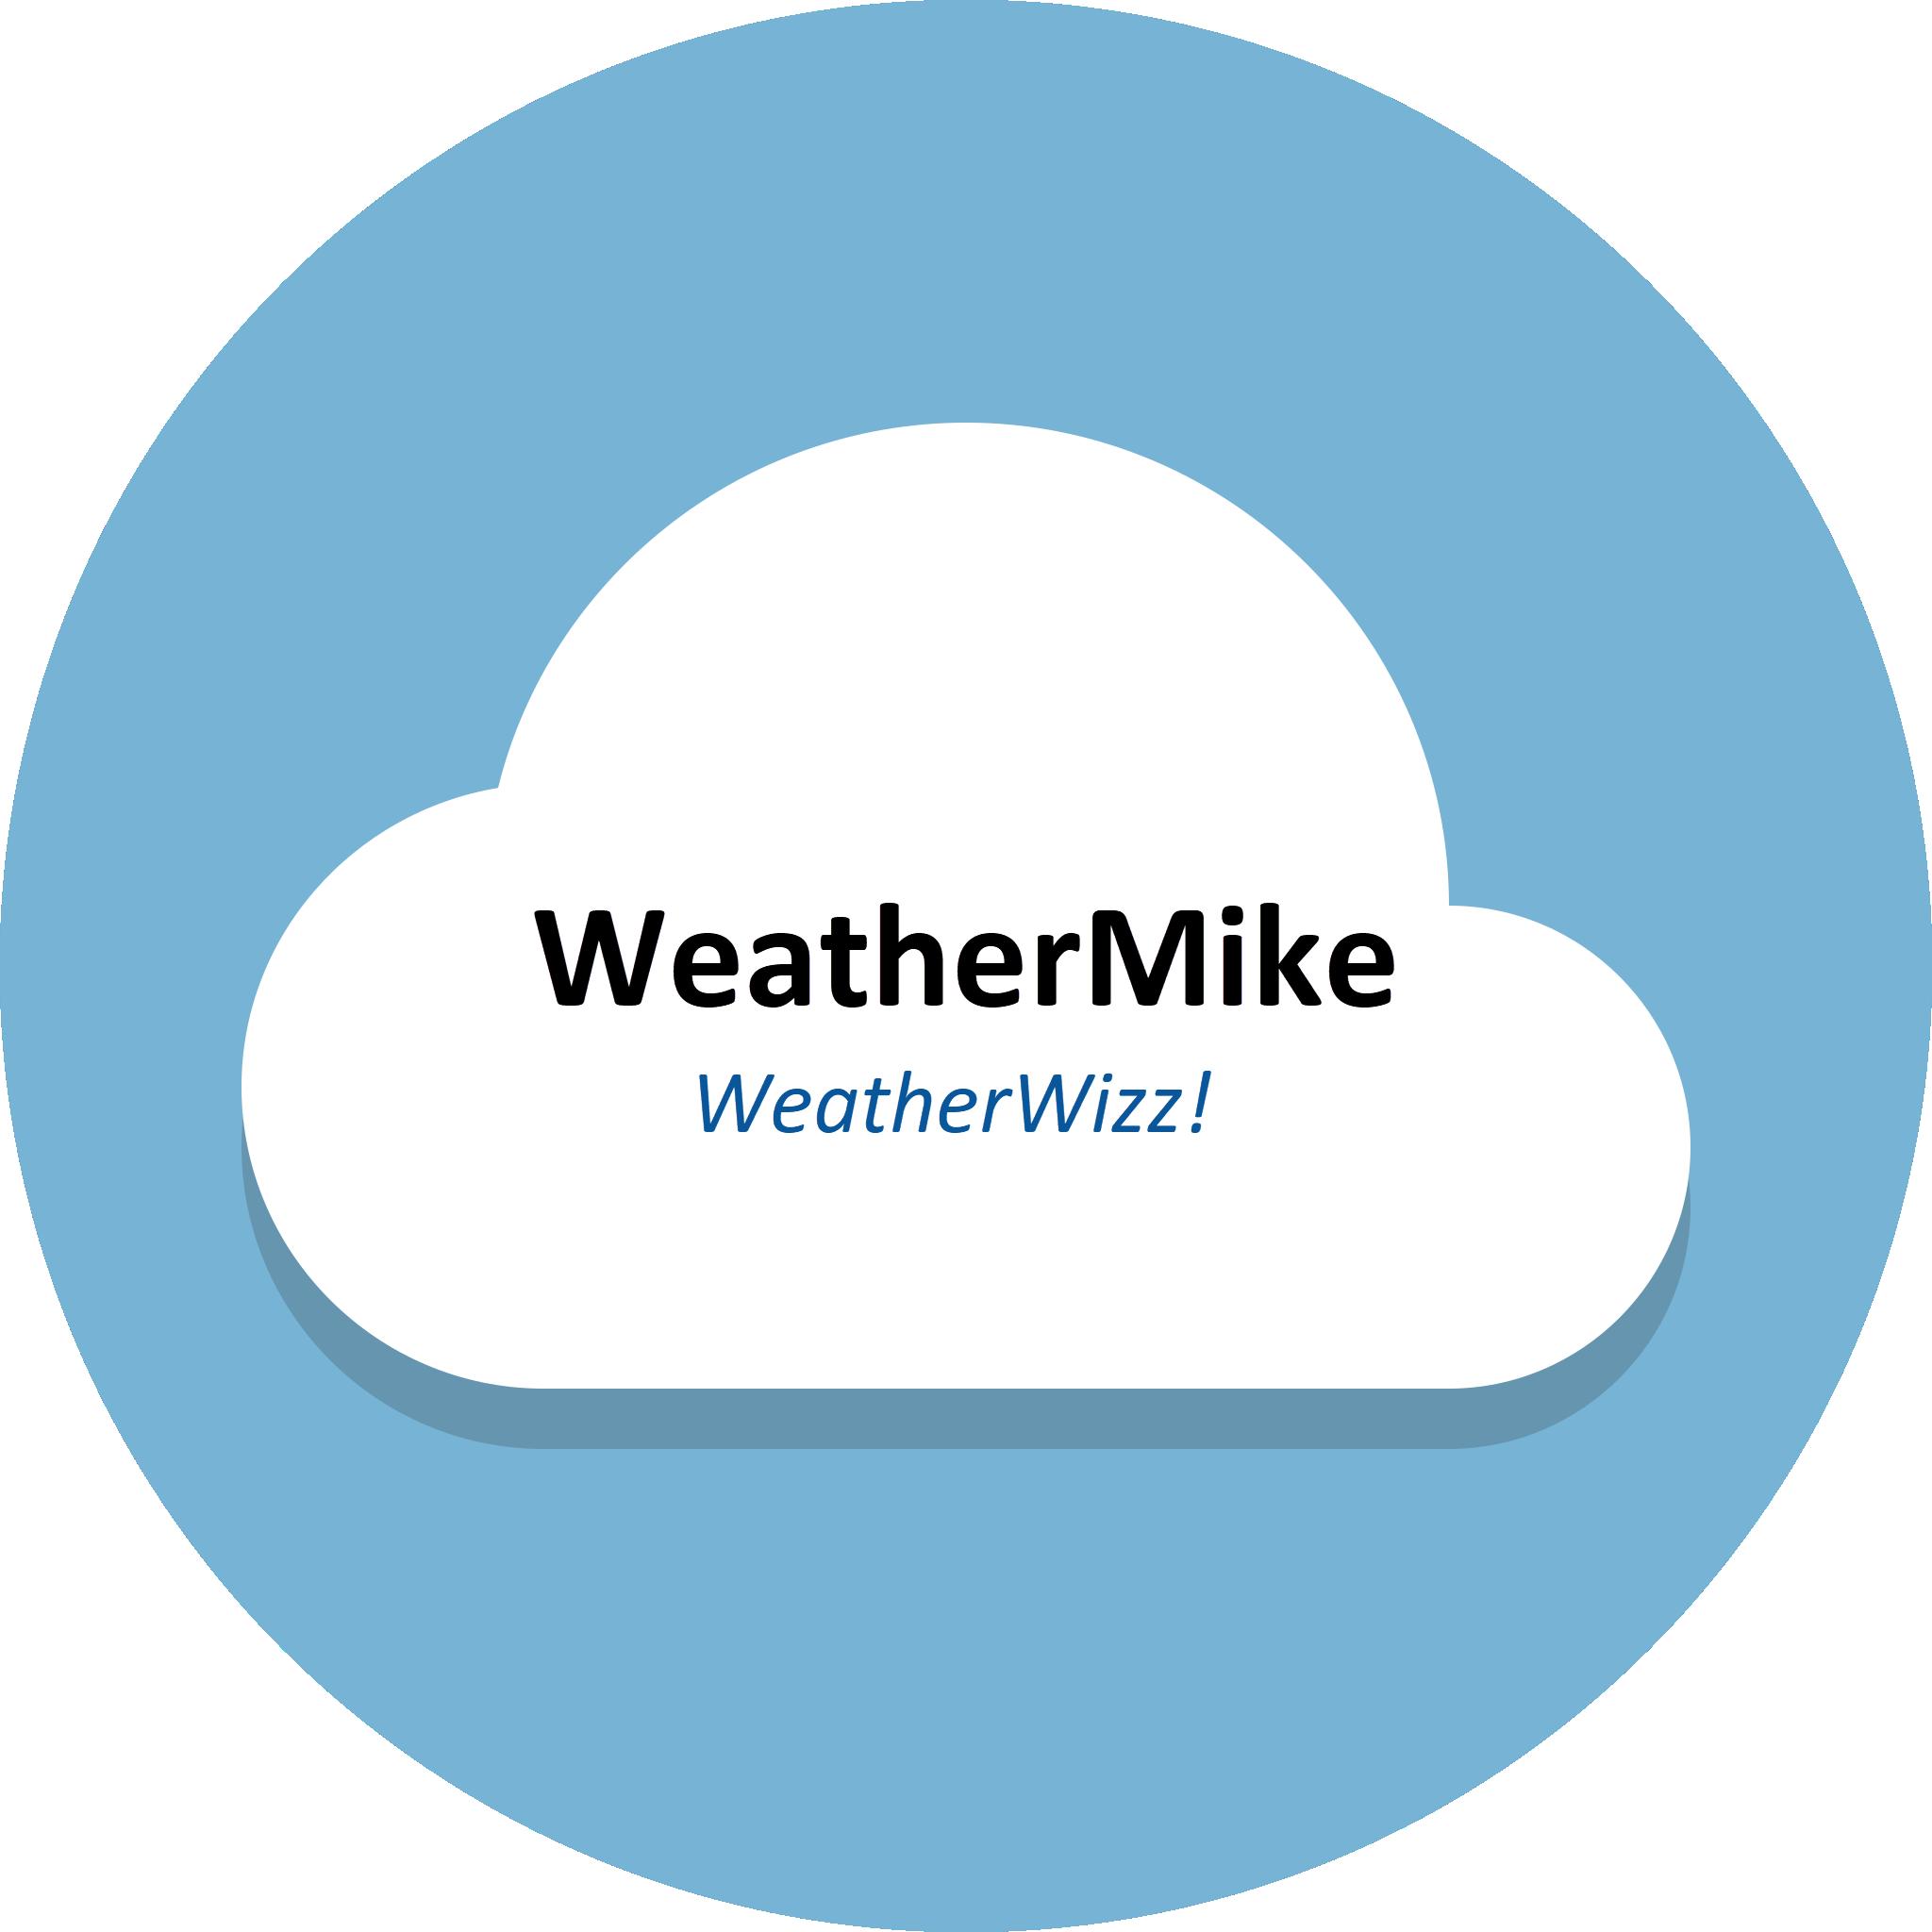 WeatherWizz!